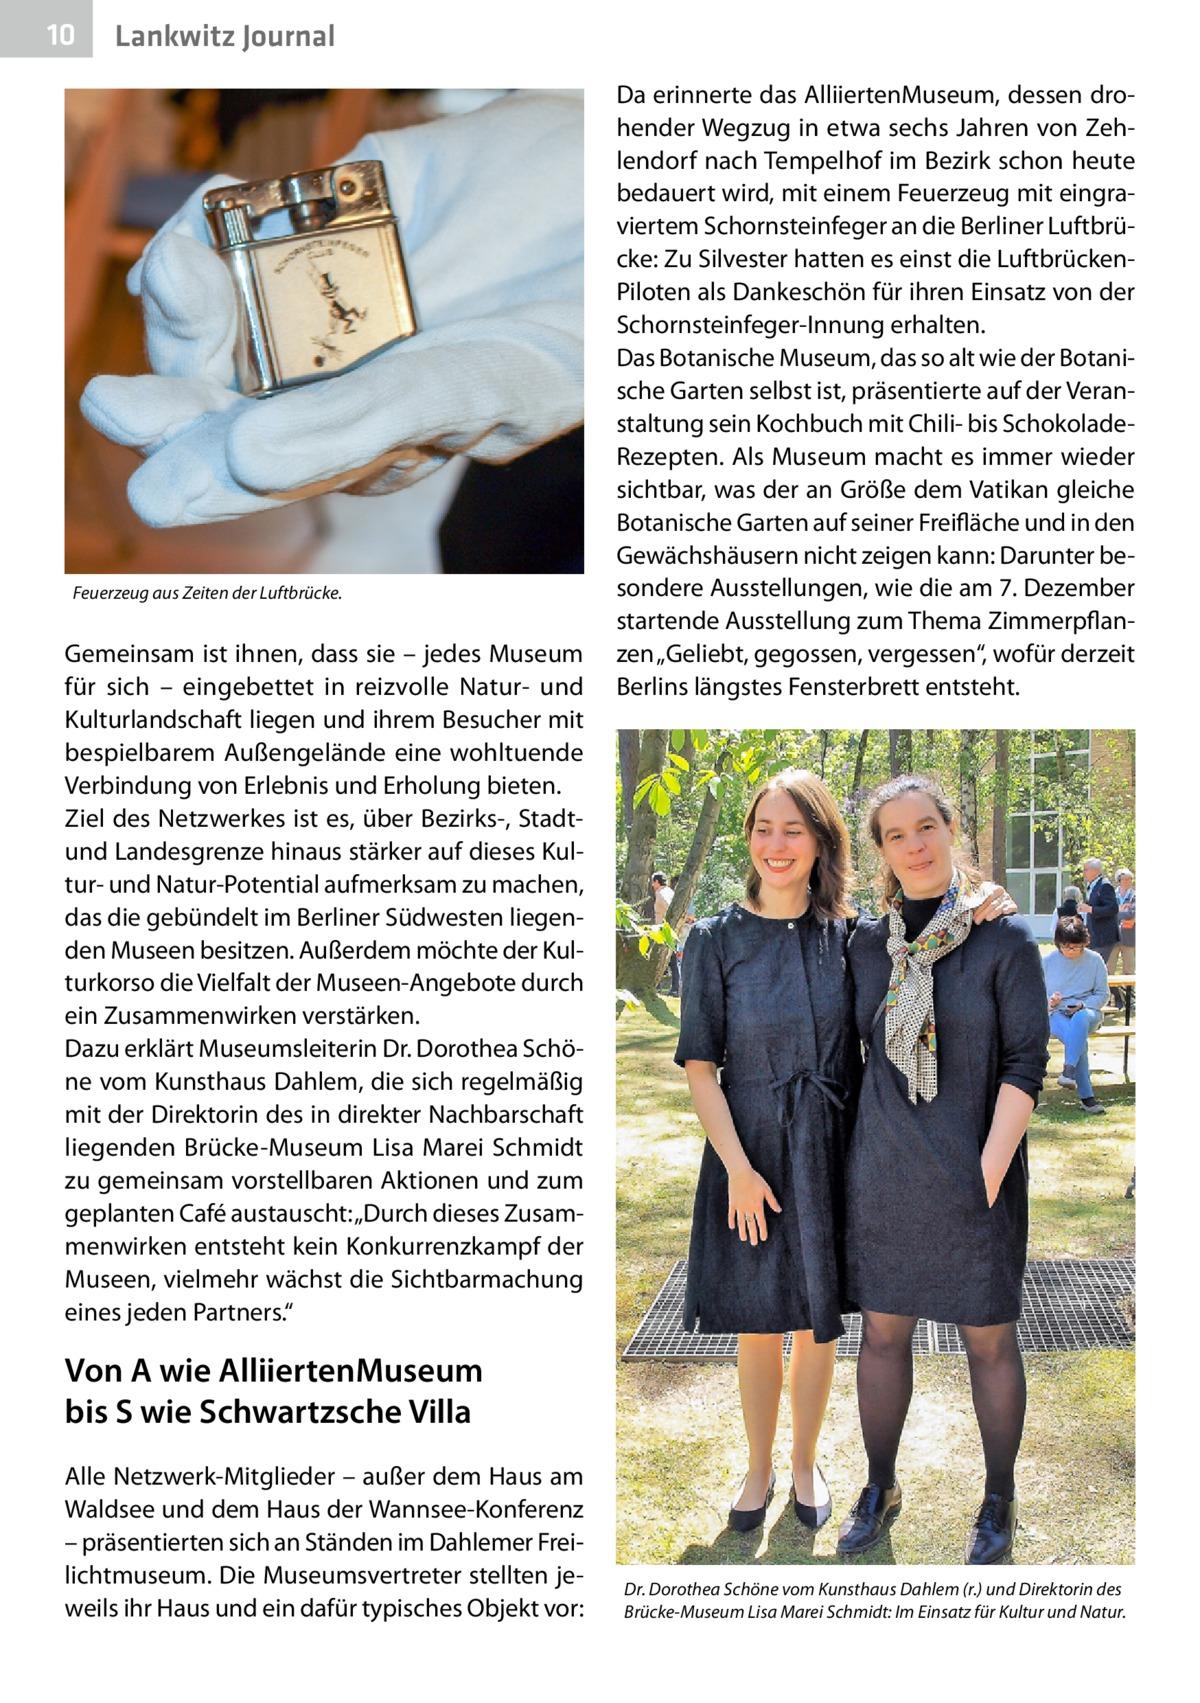 """10  Lankwitz Journal  Feuerzeug aus Zeiten der Luftbrücke.  Gemeinsam ist ihnen, dass sie – jedes Museum für sich – eingebettet in reizvolle Natur- und Kulturlandschaft liegen und ihrem Besucher mit bespielbarem Außengelände eine wohltuende Verbindung von Erlebnis und Erholung bieten. Ziel des Netzwerkes ist es, über Bezirks-, Stadtund Landesgrenze hinaus stärker auf dieses Kultur- und Natur-Potential aufmerksam zu machen, das die gebündelt im Berliner Südwesten liegenden Museen besitzen. Außerdem möchte der Kulturkorso die Vielfalt der Museen-Angebote durch ein Zusammenwirken verstärken. Dazu erklärt Museumsleiterin Dr.Dorothea Schöne vom Kunsthaus Dahlem, die sich regelmäßig mit der Direktorin des in direkter Nachbarschaft liegenden Brücke-Museum Lisa Marei Schmidt zu gemeinsam vorstellbaren Aktionen und zum geplanten Café austauscht: """"Durch dieses Zusammenwirken entsteht kein Konkurrenzkampf der Museen, vielmehr wächst die Sichtbarmachung eines jeden Partners.""""  Da erinnerte das AlliiertenMuseum, dessen drohender Wegzug in etwa sechs Jahren von Zehlendorf nach Tempelhof im Bezirk schon heute bedauert wird, mit einem Feuerzeug mit eingraviertem Schornsteinfeger an die Berliner Luftbrücke: Zu Silvester hatten es einst die LuftbrückenPiloten als Dankeschön für ihren Einsatz von der Schornsteinfeger-Innung erhalten. Das Botanische Museum, das so alt wie der Botanische Garten selbst ist, präsentierte auf der Veranstaltung sein Kochbuch mit Chili- bis SchokoladeRezepten. Als Museum macht es immer wieder sichtbar, was der an Größe dem Vatikan gleiche Botanische Garten auf seiner Freifläche und in den Gewächshäusern nicht zeigen kann: Darunter besondere Ausstellungen, wie die am 7.Dezember startende Ausstellung zum Thema Zimmerpflanzen """"Geliebt, gegossen, vergessen"""", wofür derzeit Berlins längstes Fensterbrett entsteht.  Von A wie AlliiertenMuseum bis S wie Schwartzsche Villa Alle Netzwerk-Mitglieder – außer dem Haus am Waldsee und dem Haus der Wannsee-Konferenz – präsen"""